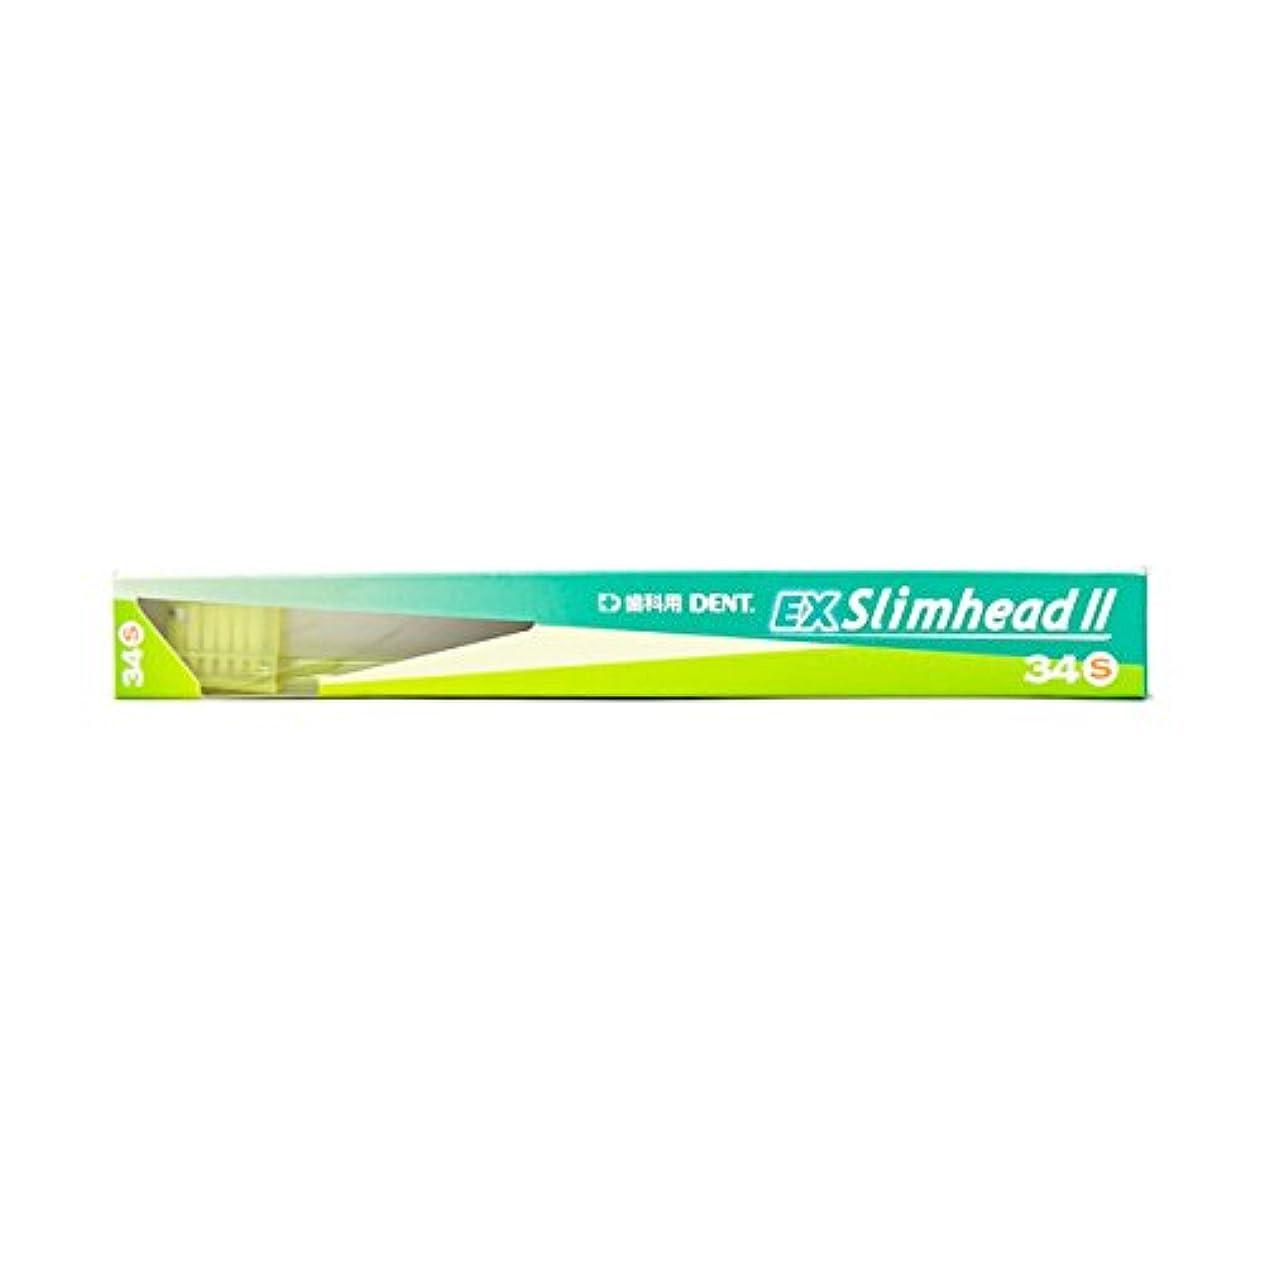 ダンプアーティファクト情報ライオン歯科材 デント EX スリムヘッド II 34 ソフト 1本入 4903301336044